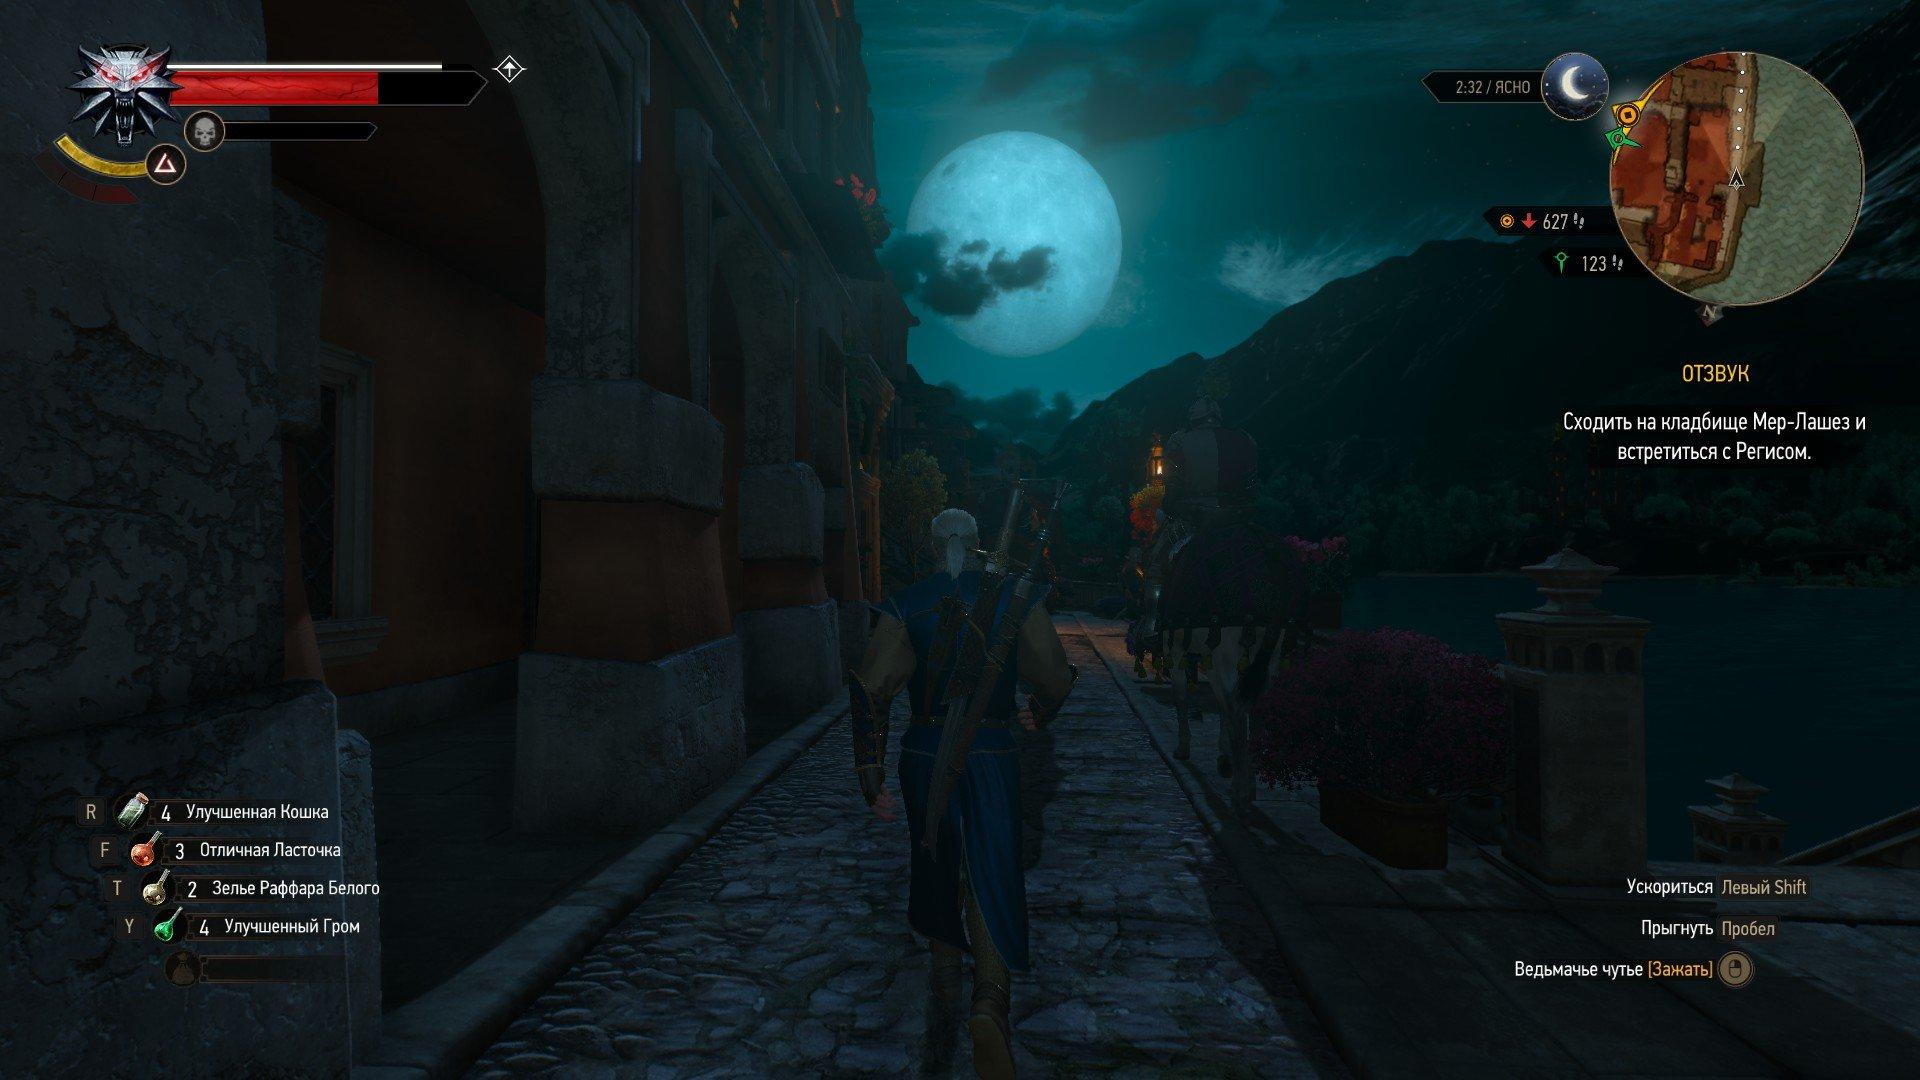 Вопль-прохождение Witcher 3: Кровь и Вино ... НАЧАЛО [ВНИМАНИЕ, ВОЗМОЖНЫ СПОЙЛЕРЫ] - Изображение 22